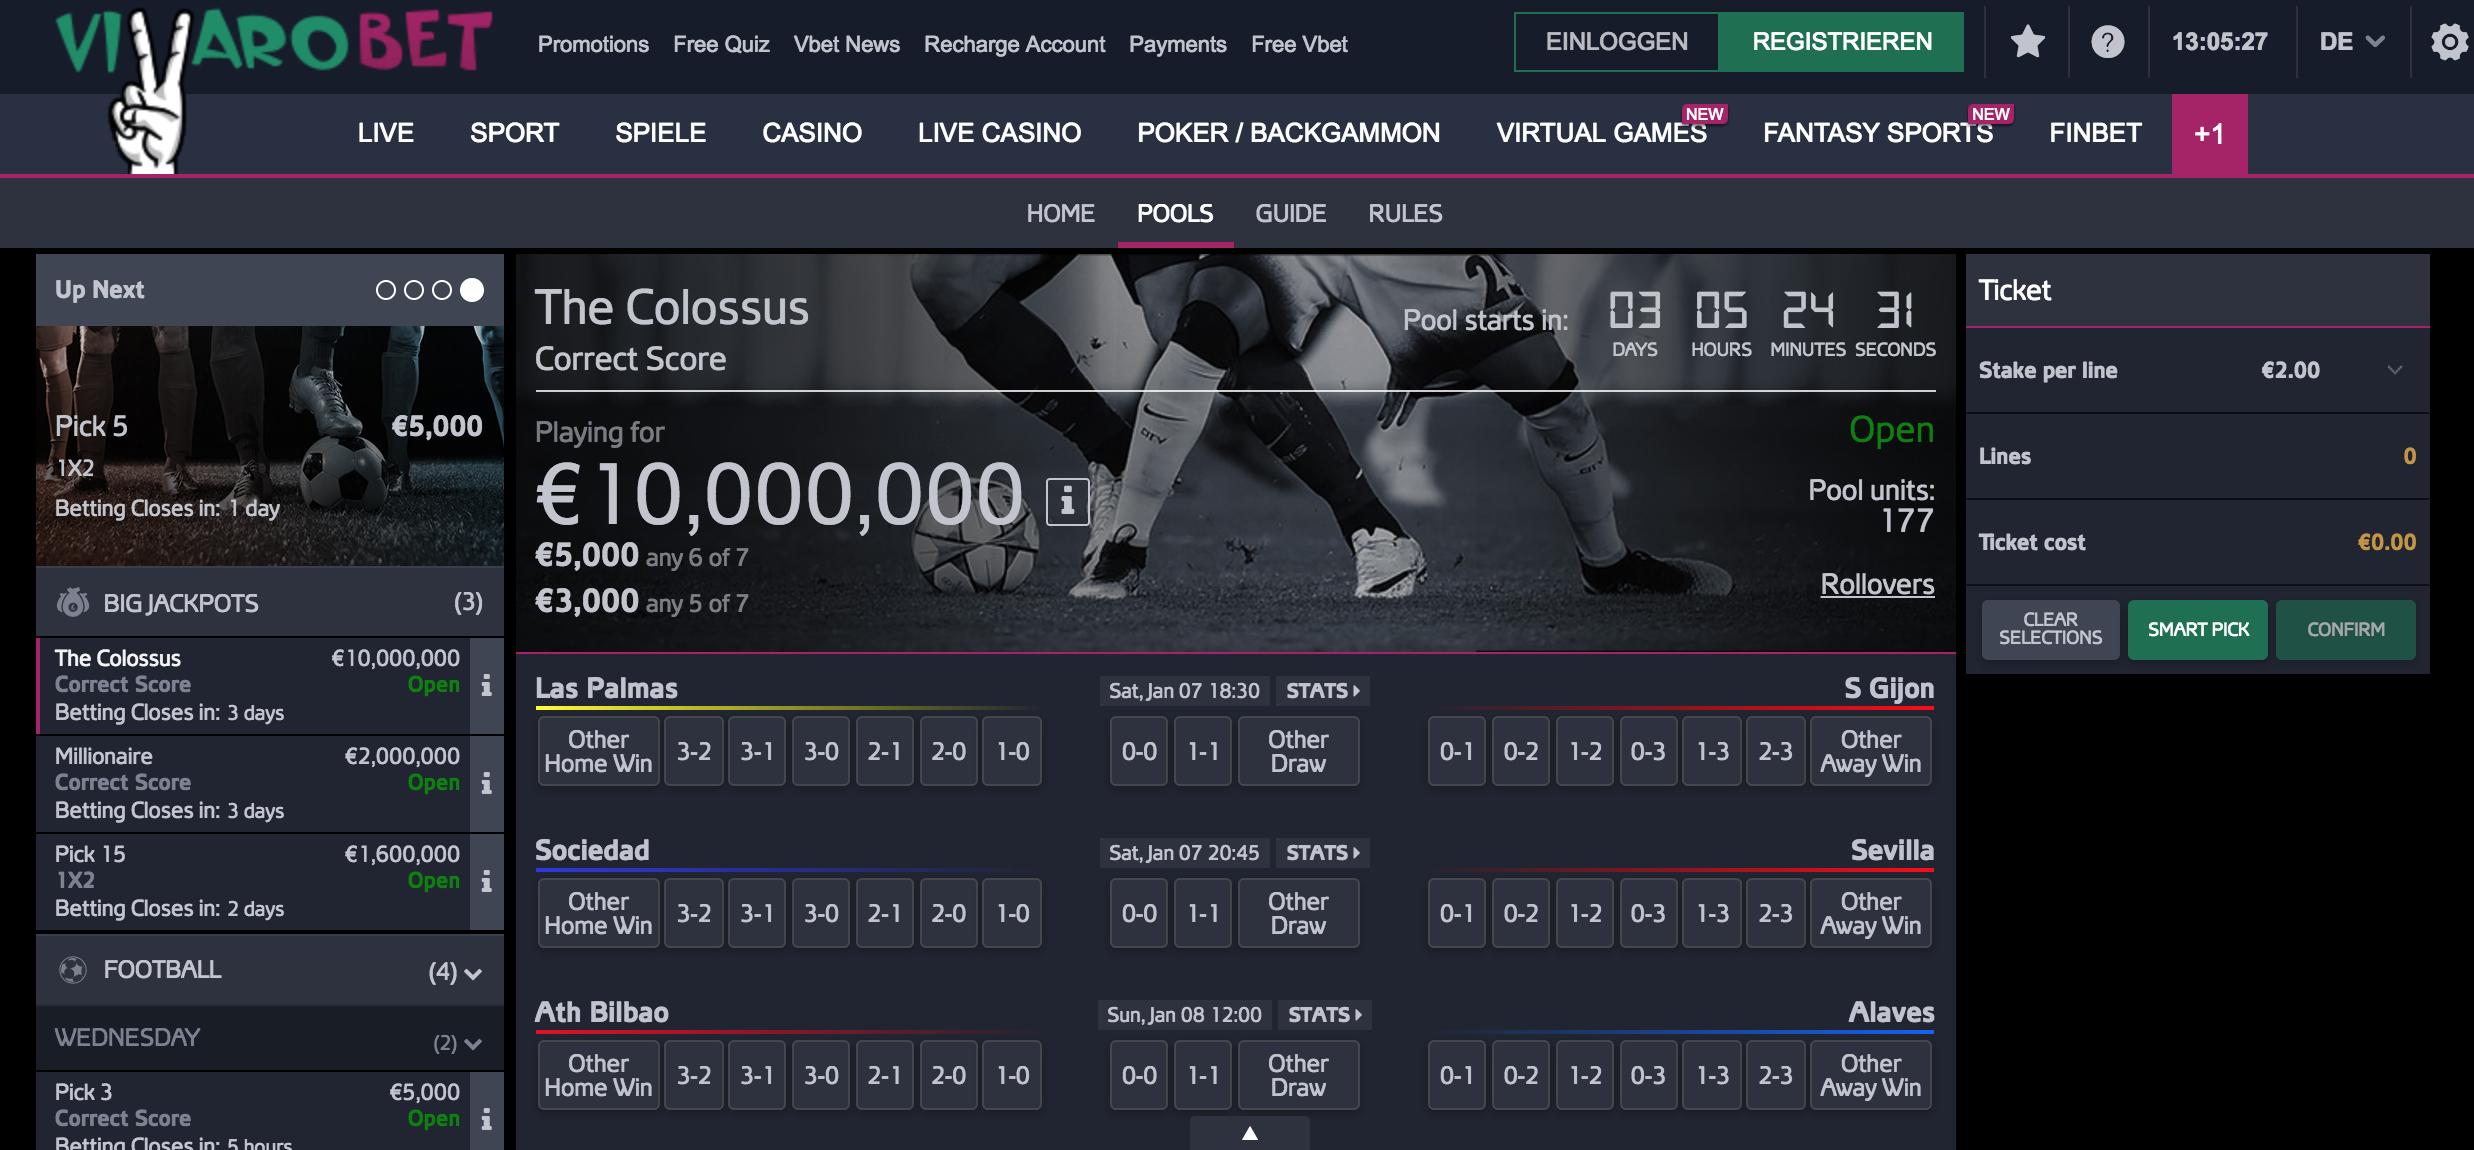 Sportwetten Ergebnisse Einsatzauszahlung 800139